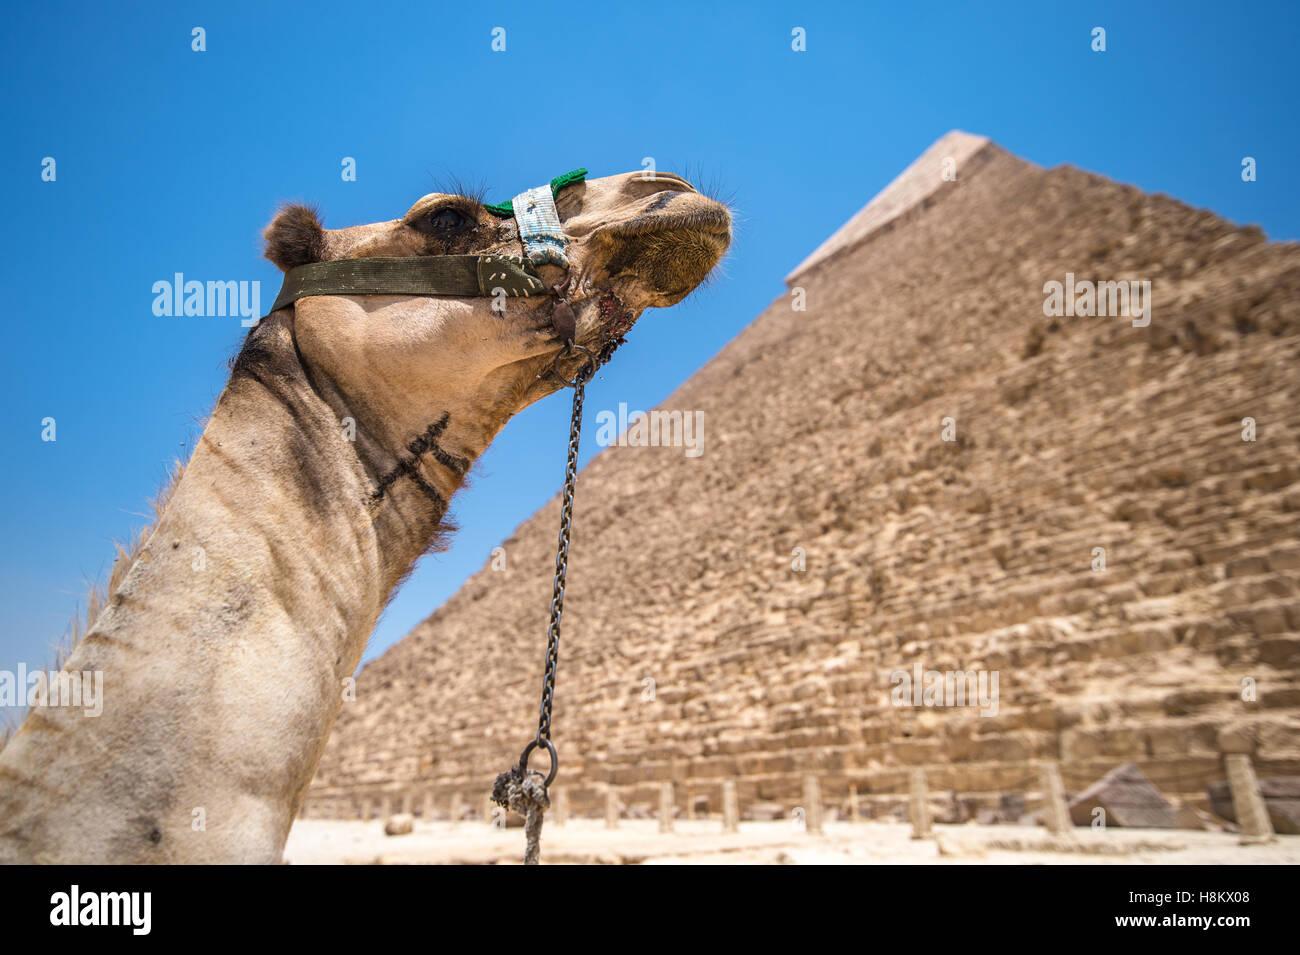 Le Caire, Egypte Camel au repos dans le désert avec les grandes pyramides de Gizeh à l'arrière Photo Stock